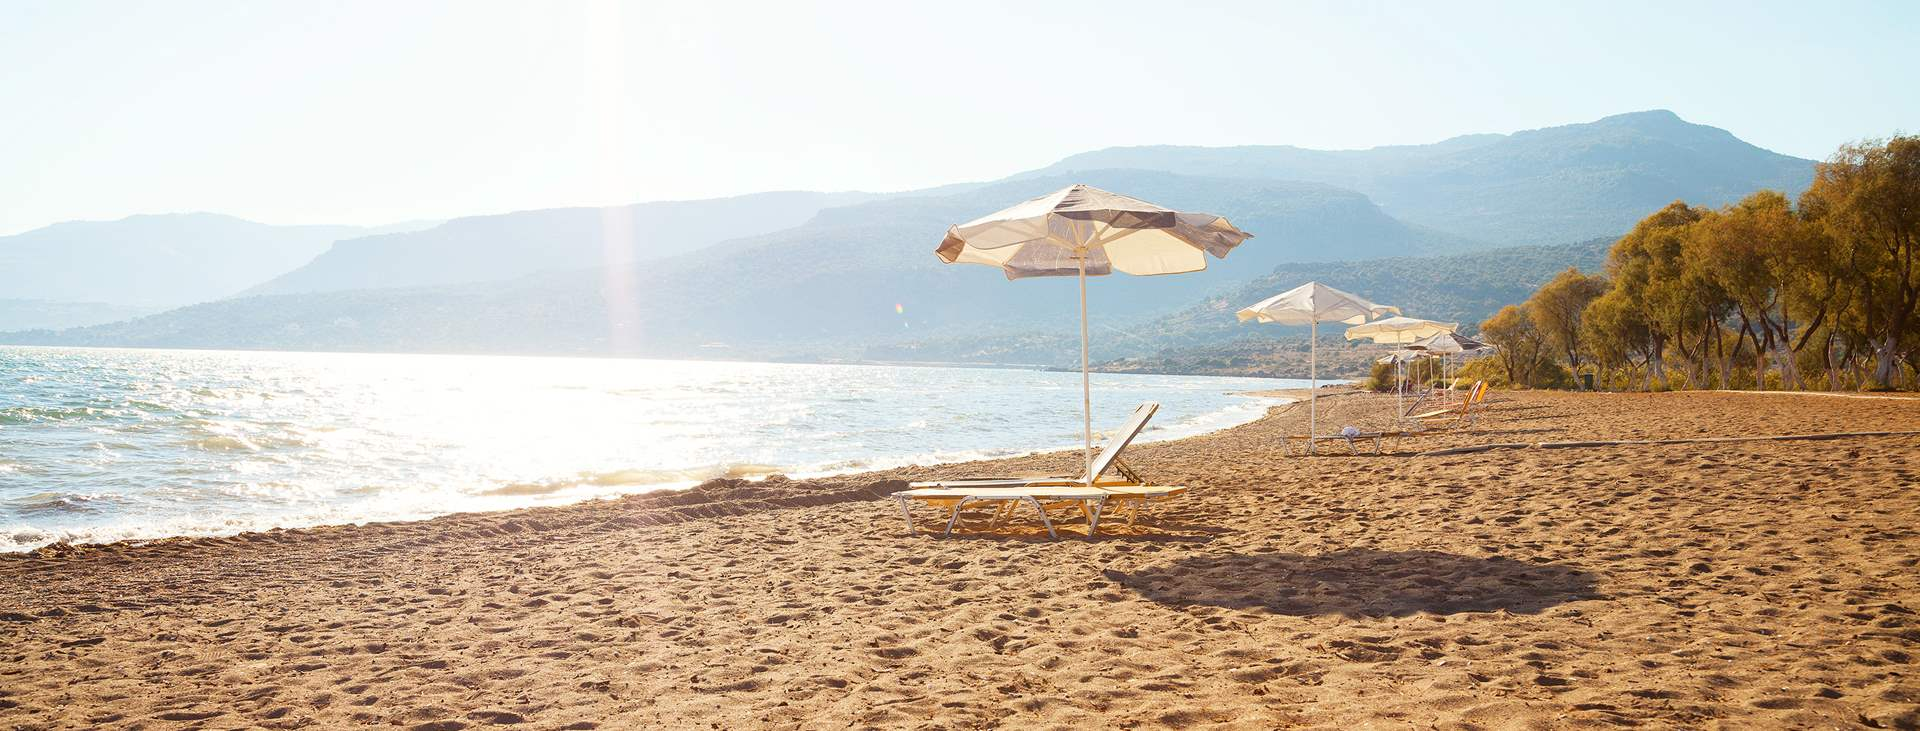 Resor till Skala Kallonis på Lesbos i Grekland